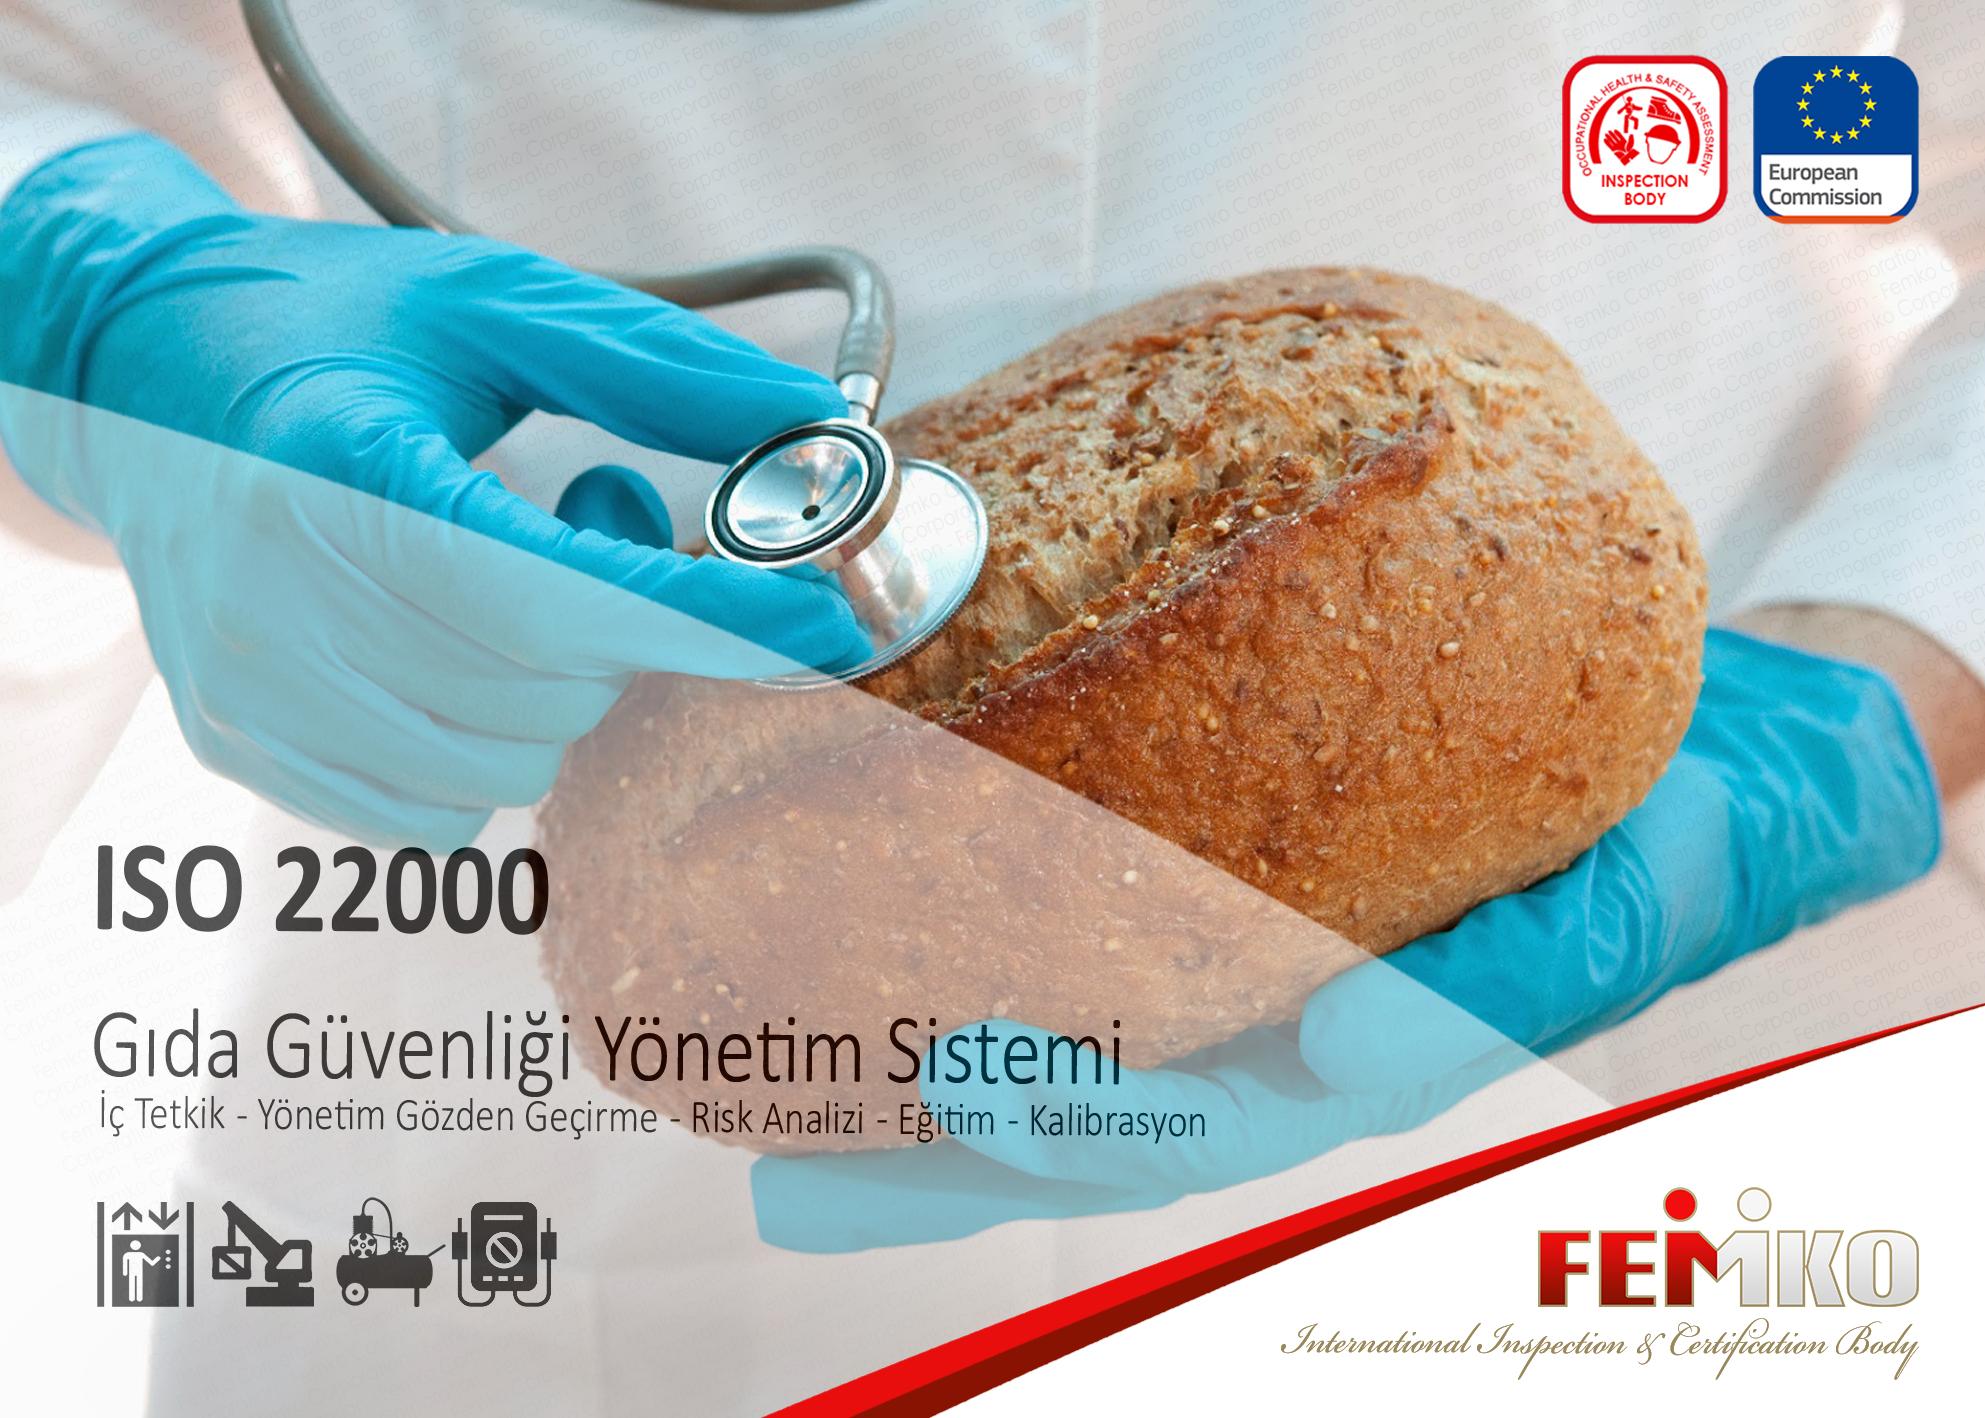 Gıda Güvenliği Yönetim Sistemi – ISO 22000 Belgesi